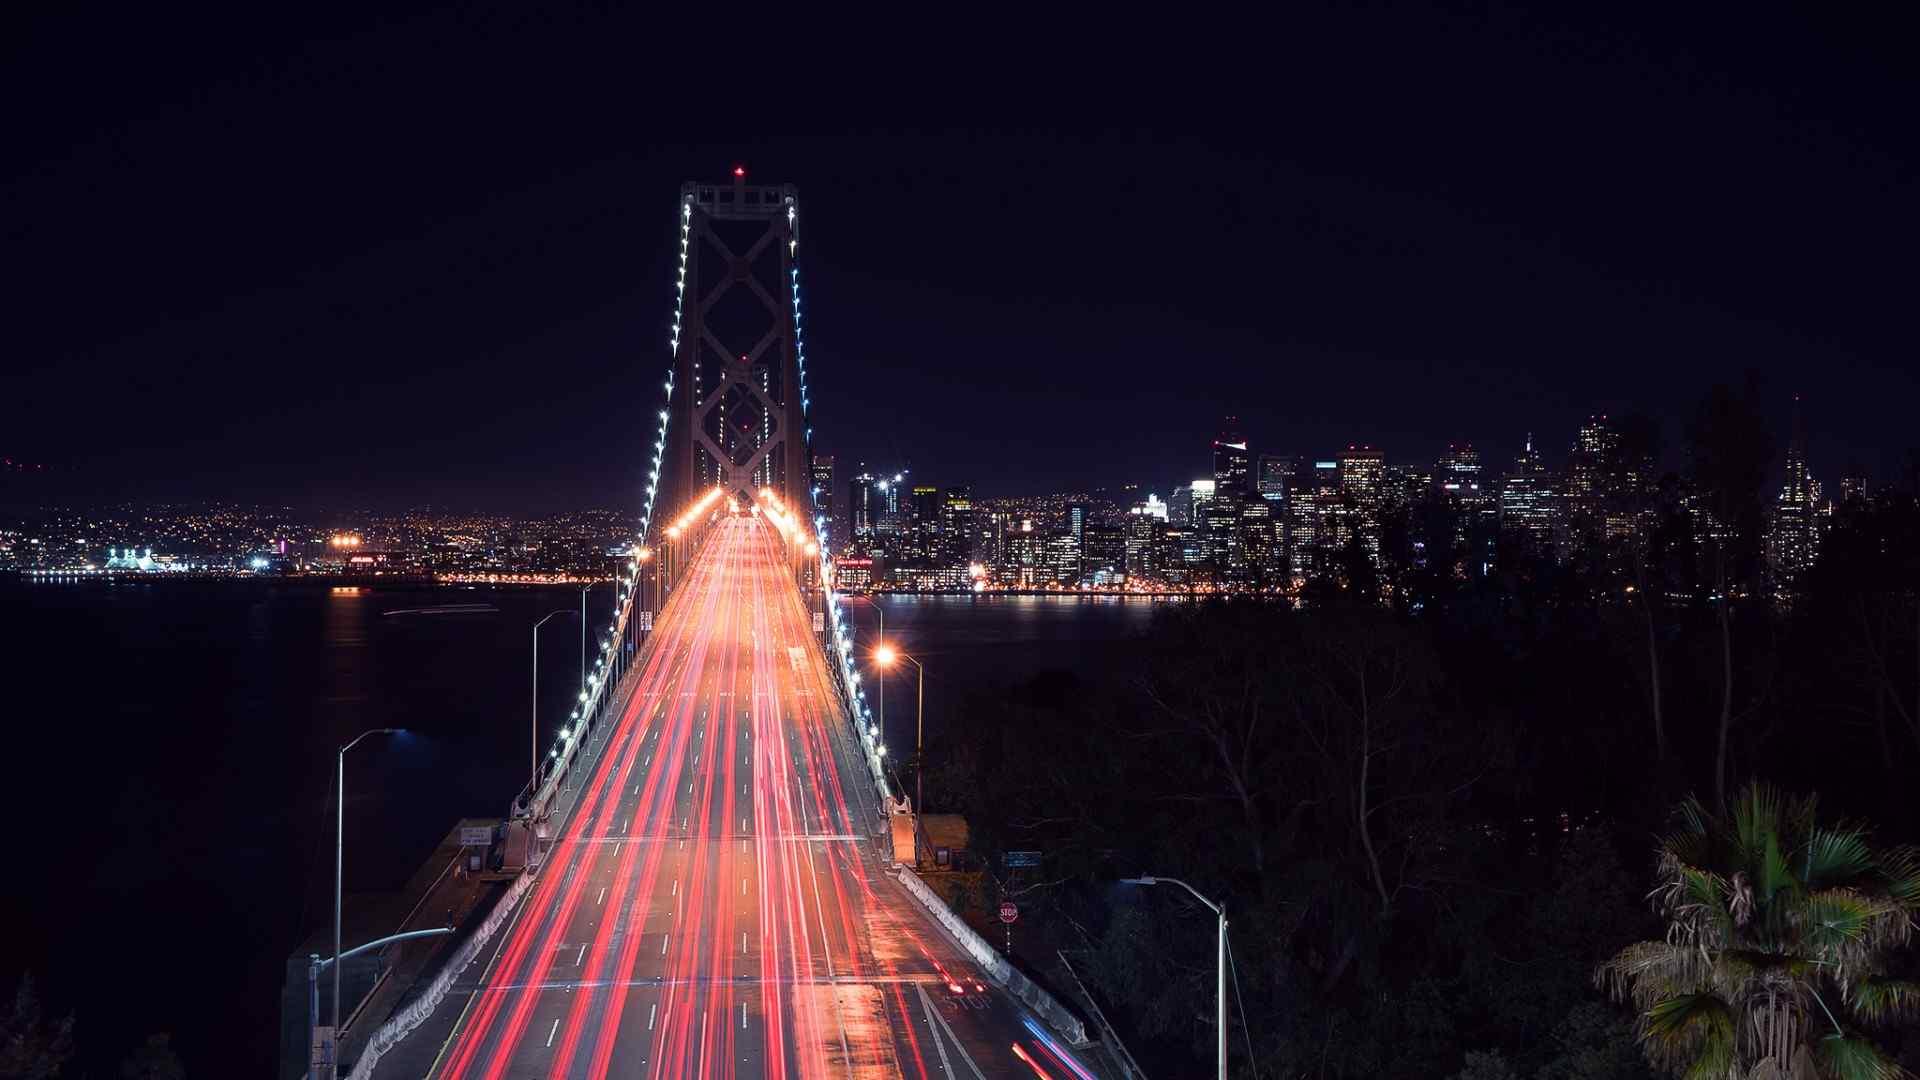 魔幻大桥夜景壁纸